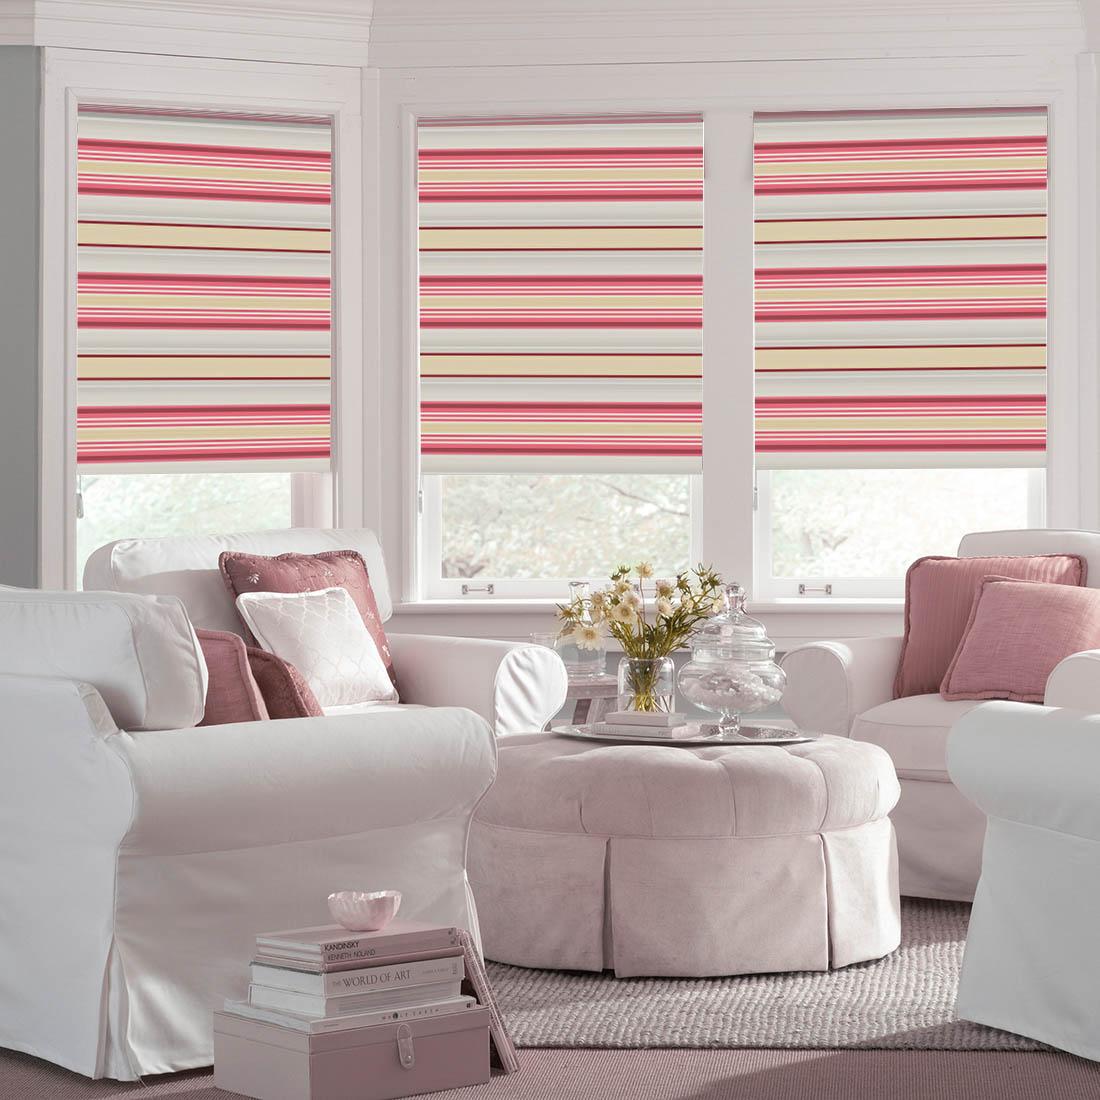 Купить Римские и рулонные шторы Dome, Миниролло Dome Design Цвет: Розовый, Дания, Портьерная ткань